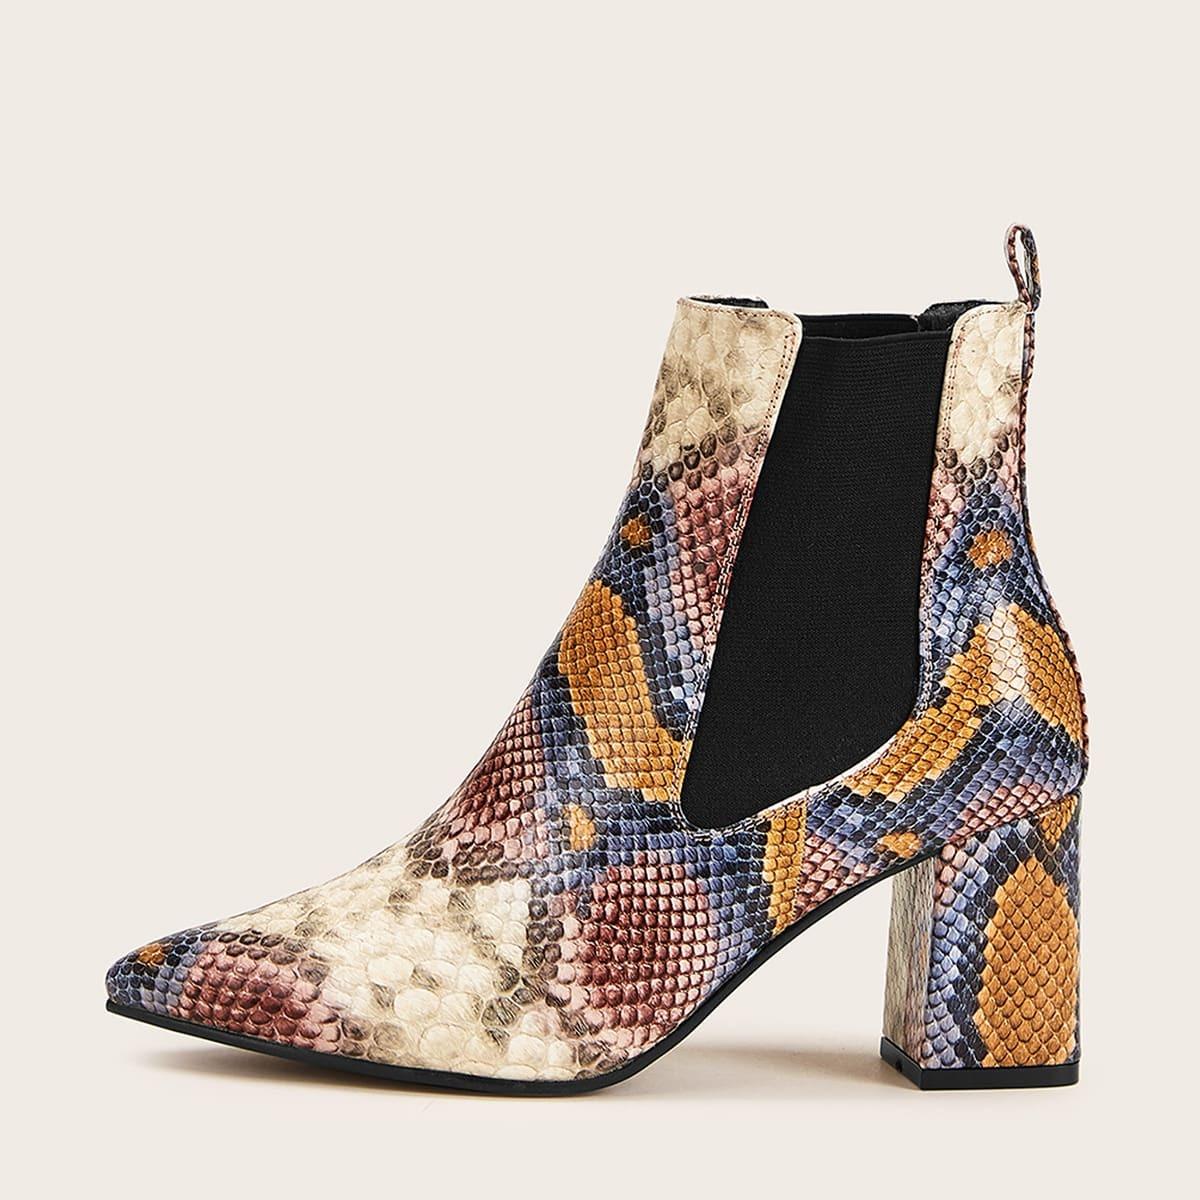 Veel kleurig Business casual  Slangenhuid afdrukken Laarzen